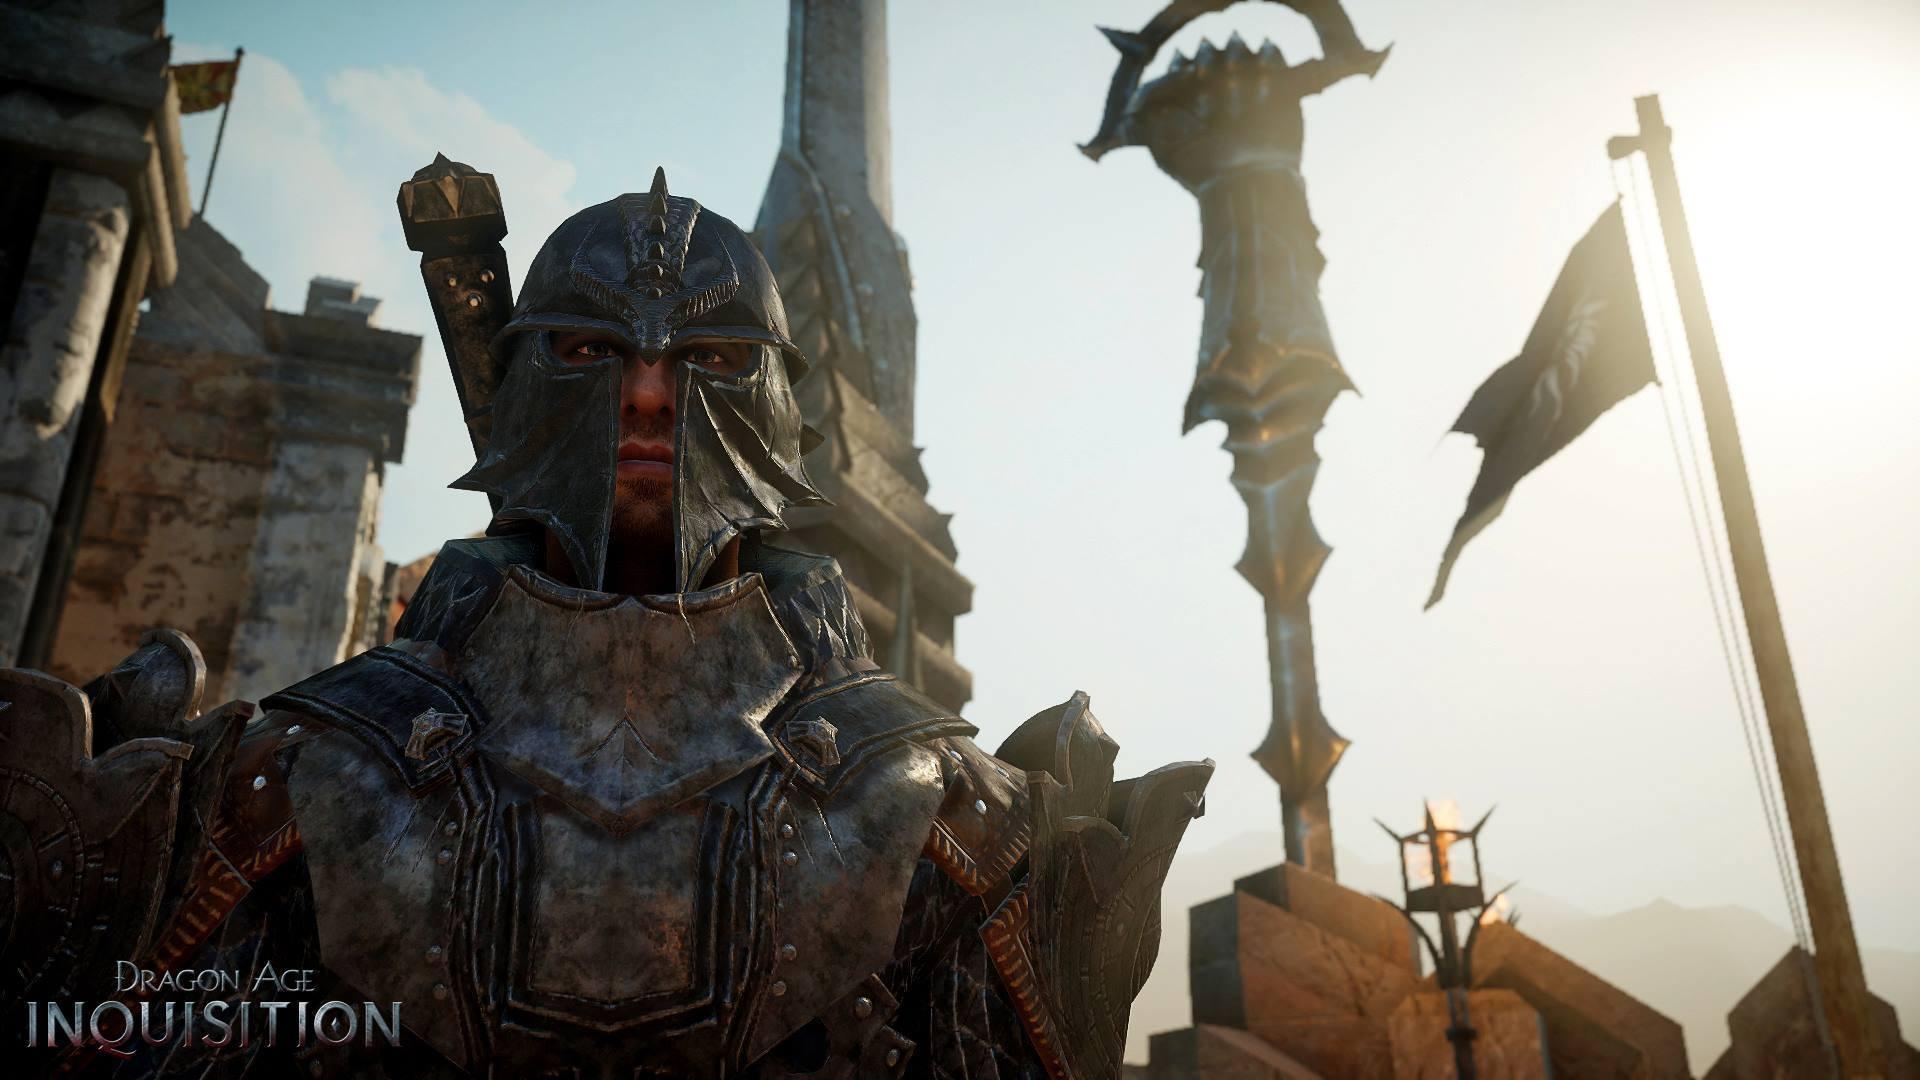 VengefulTemplar/Dragon Age: Inquisition - Concept Art 21